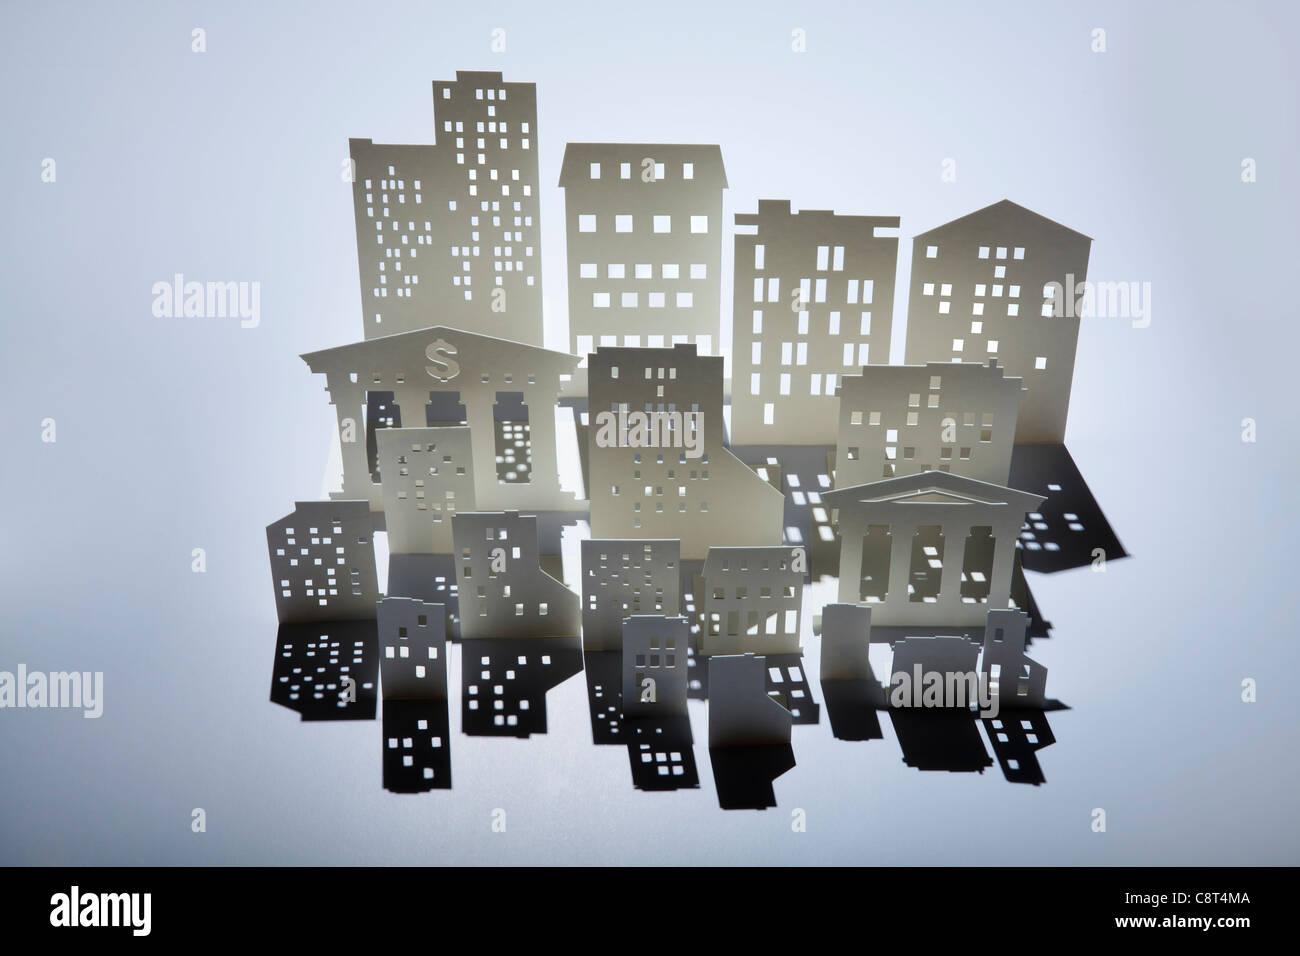 Modèle d'architecture des bâtiments et une banque avec le signe du dollar Photo Stock